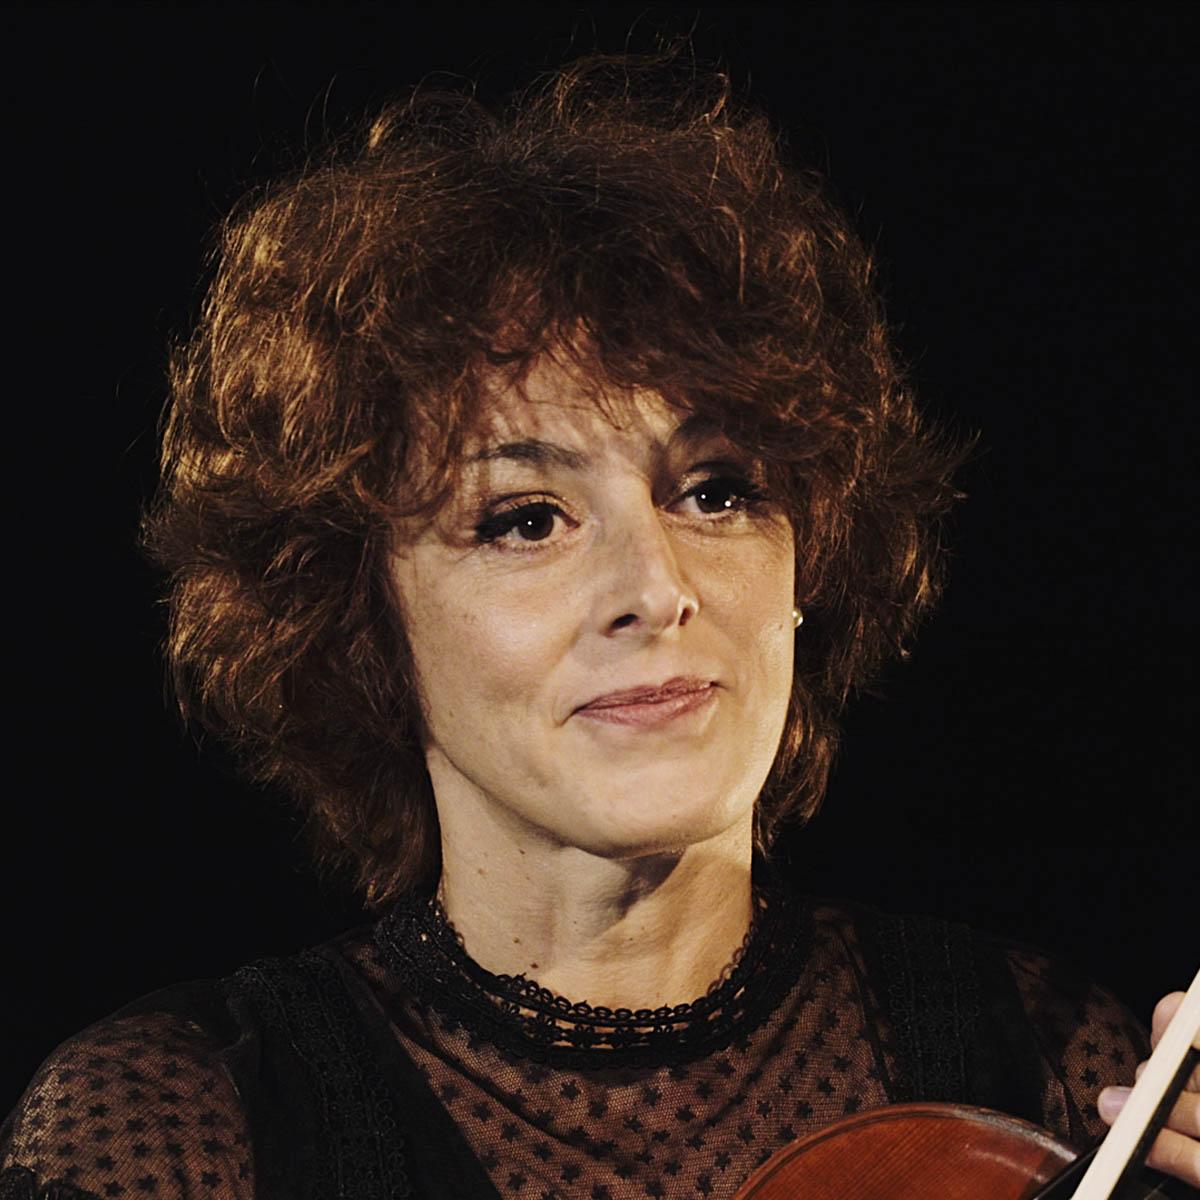 Maura Bruschetti